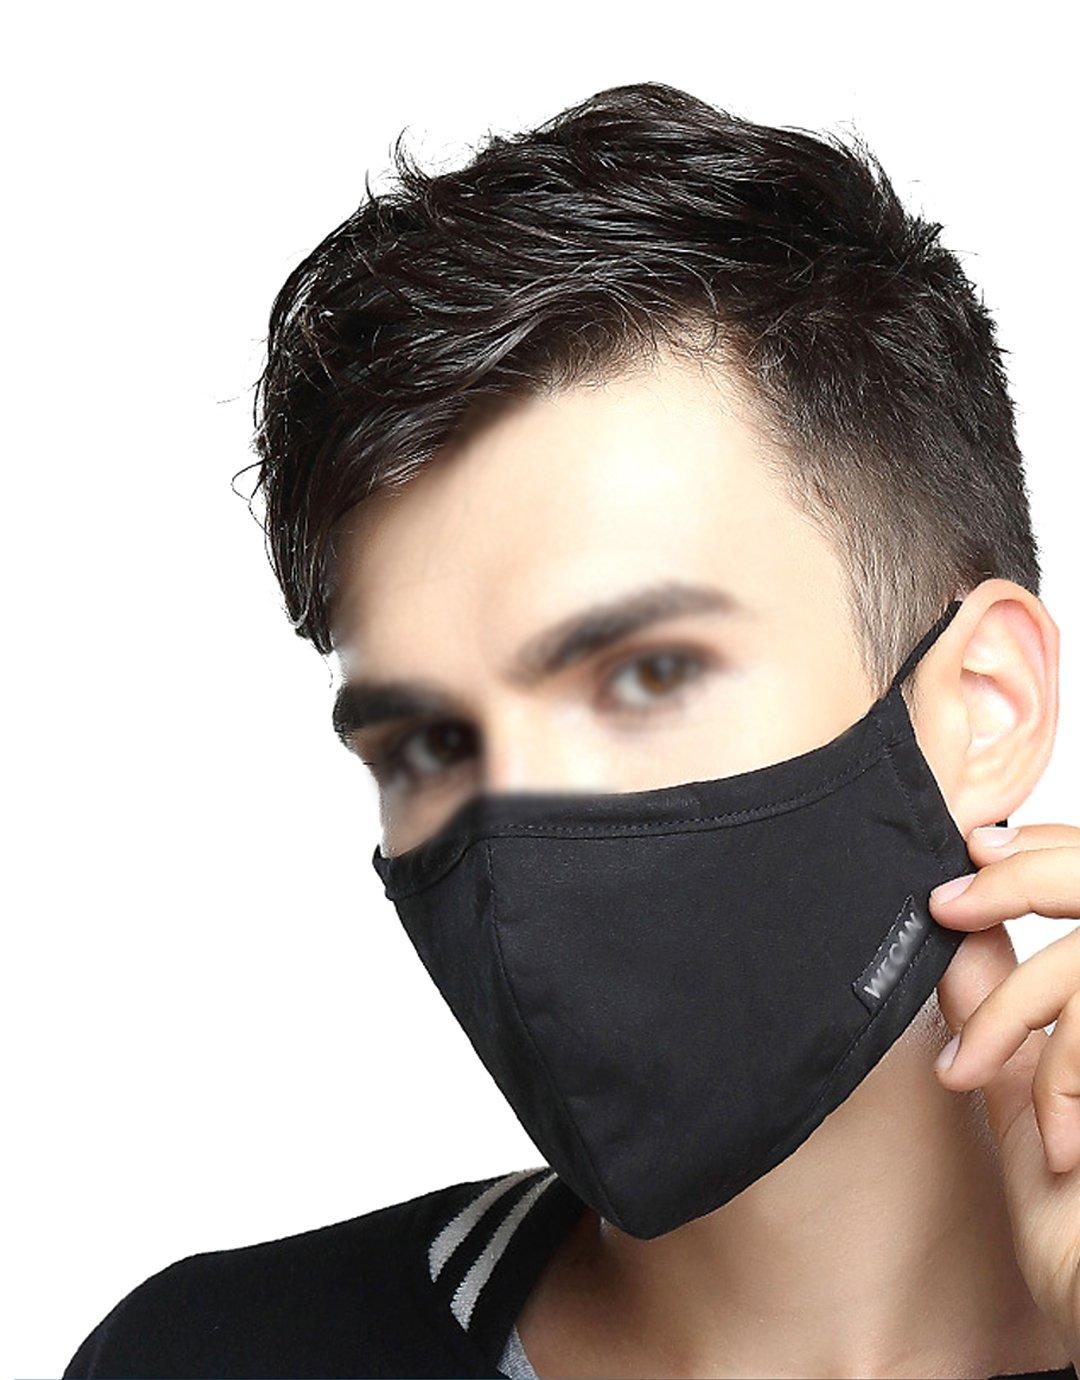 Monique Men Women PM2.5 Cotton Mouth Mask Activated Carbon Filter Anti-dust Warm Face Cover